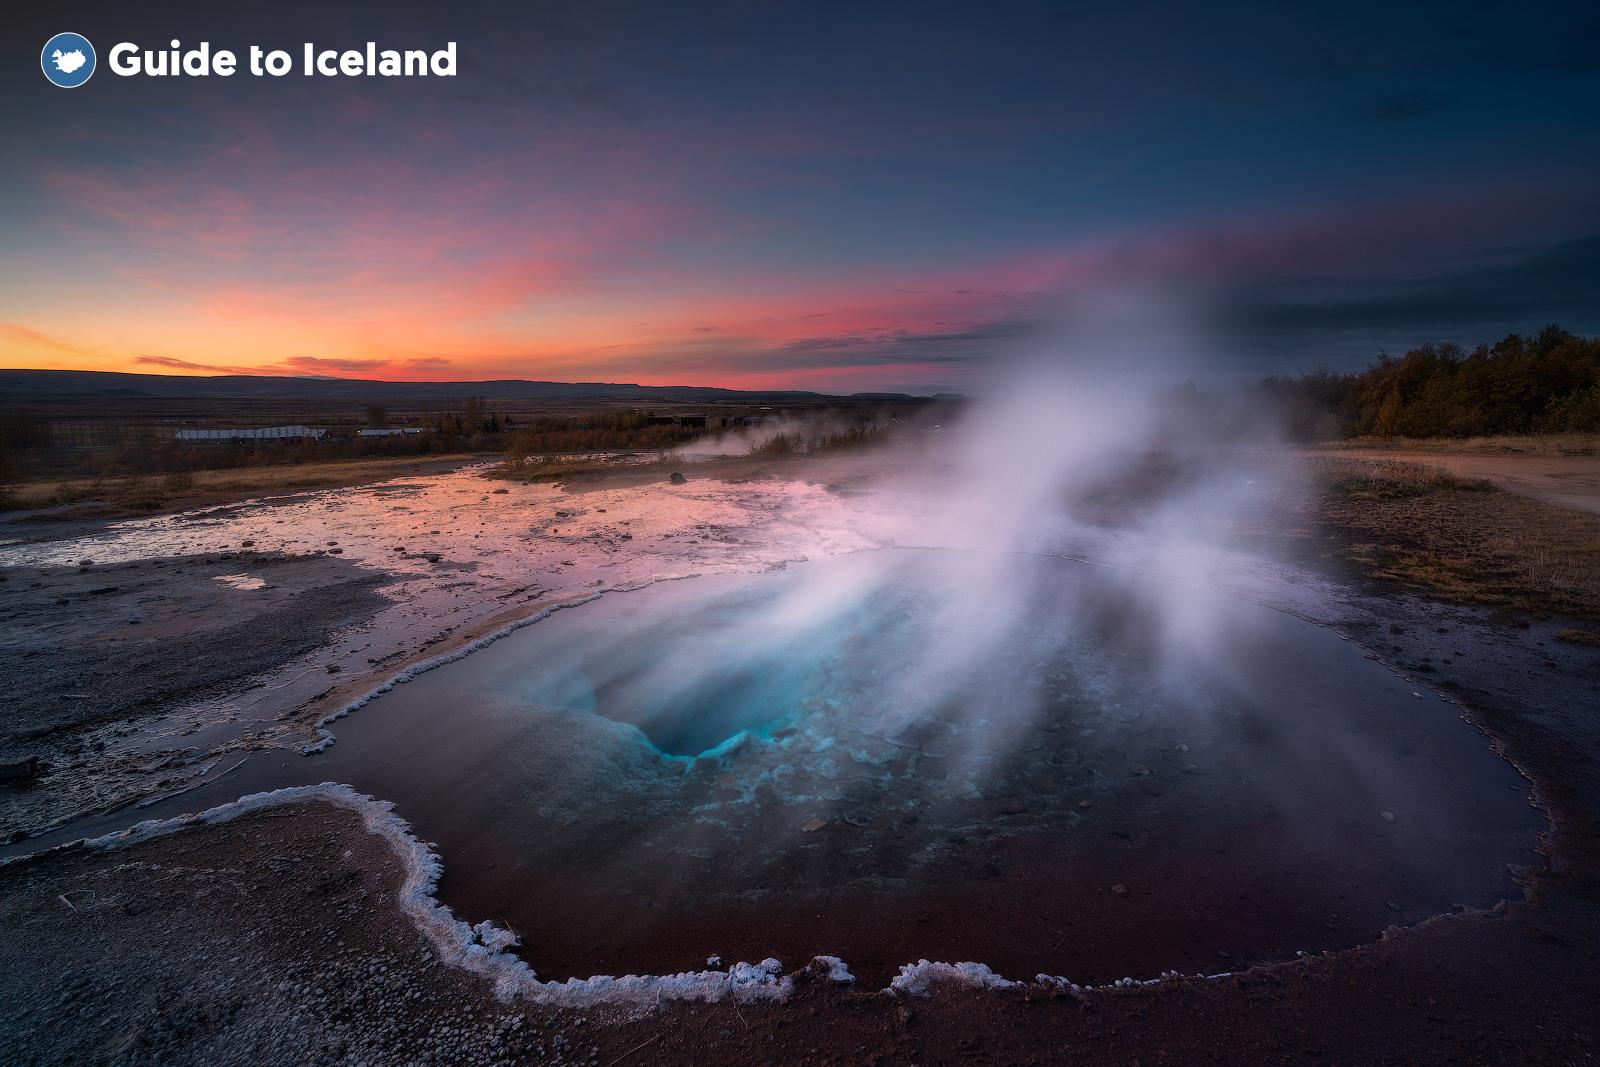 冰岛黄金圈景区的盖歇尔间歇泉地区多地热奇观